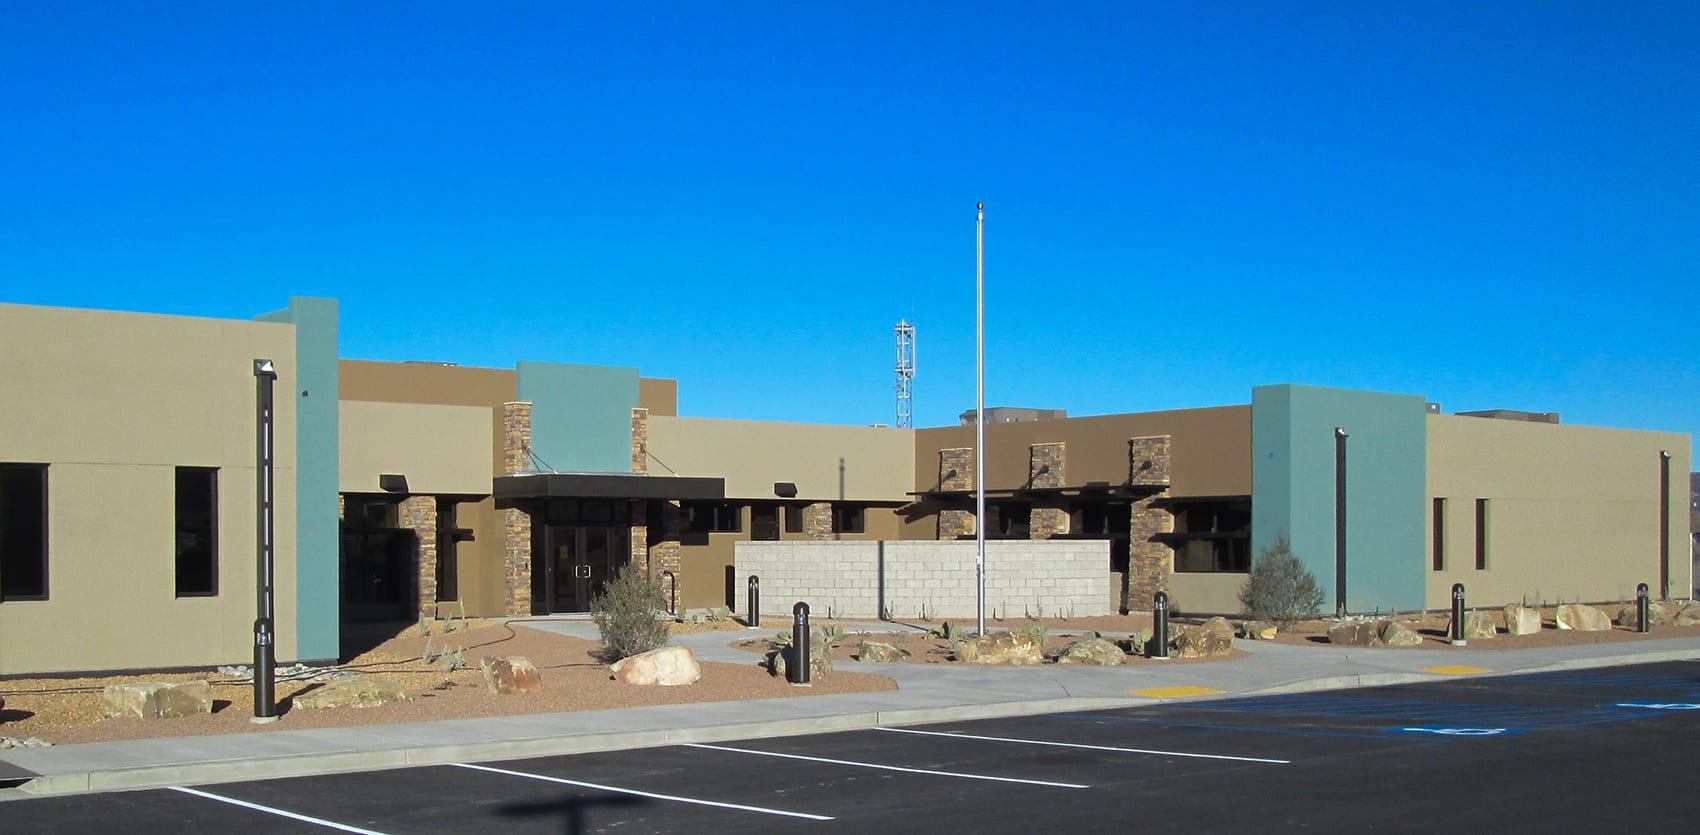 Northern Pueblo Agency Municipal Building